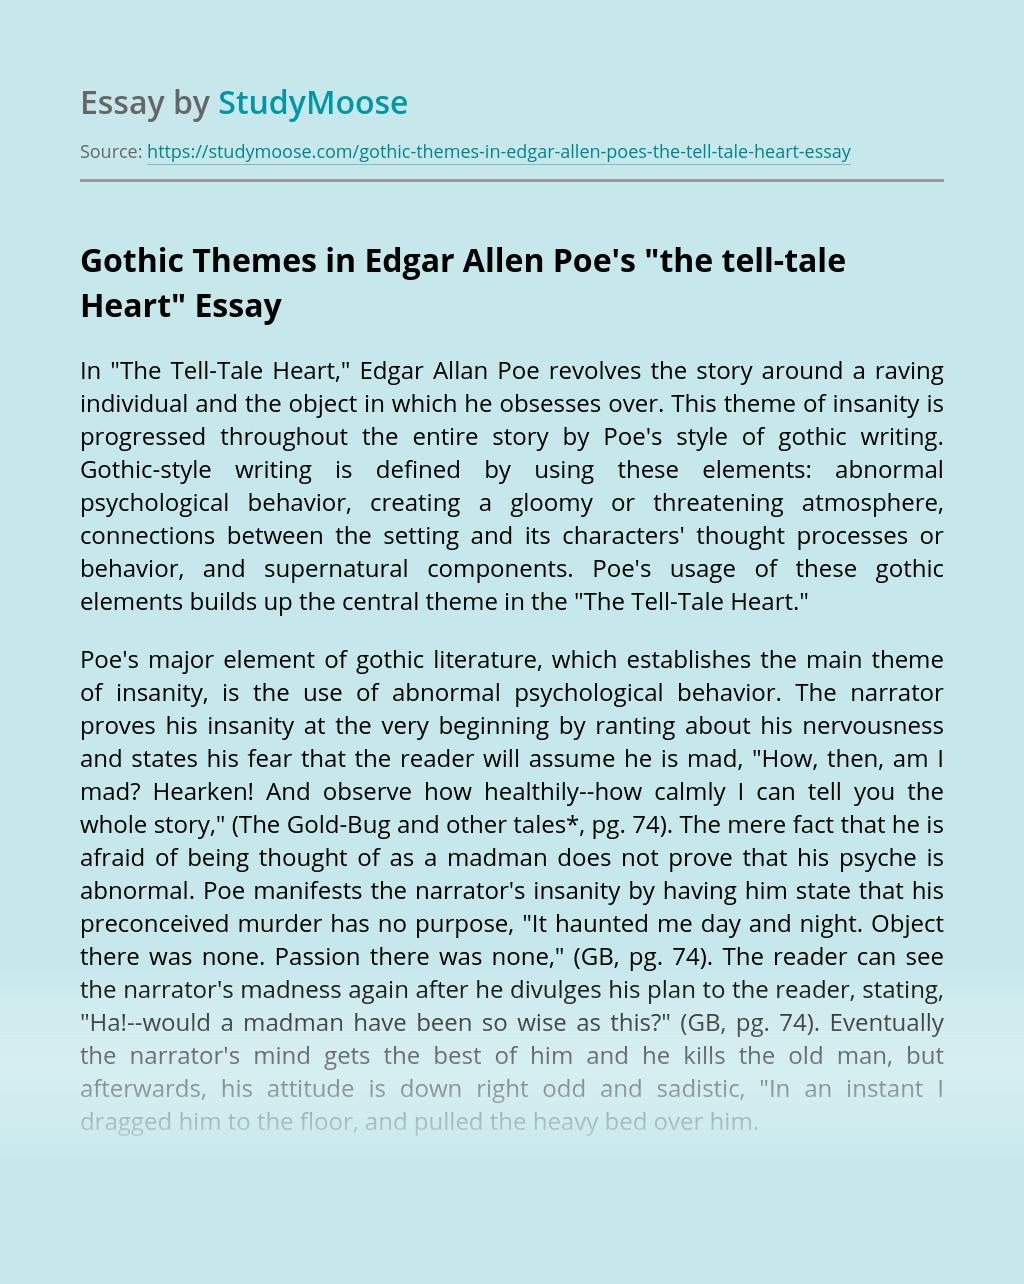 Gothic Themes in Edgar Allen Poe's